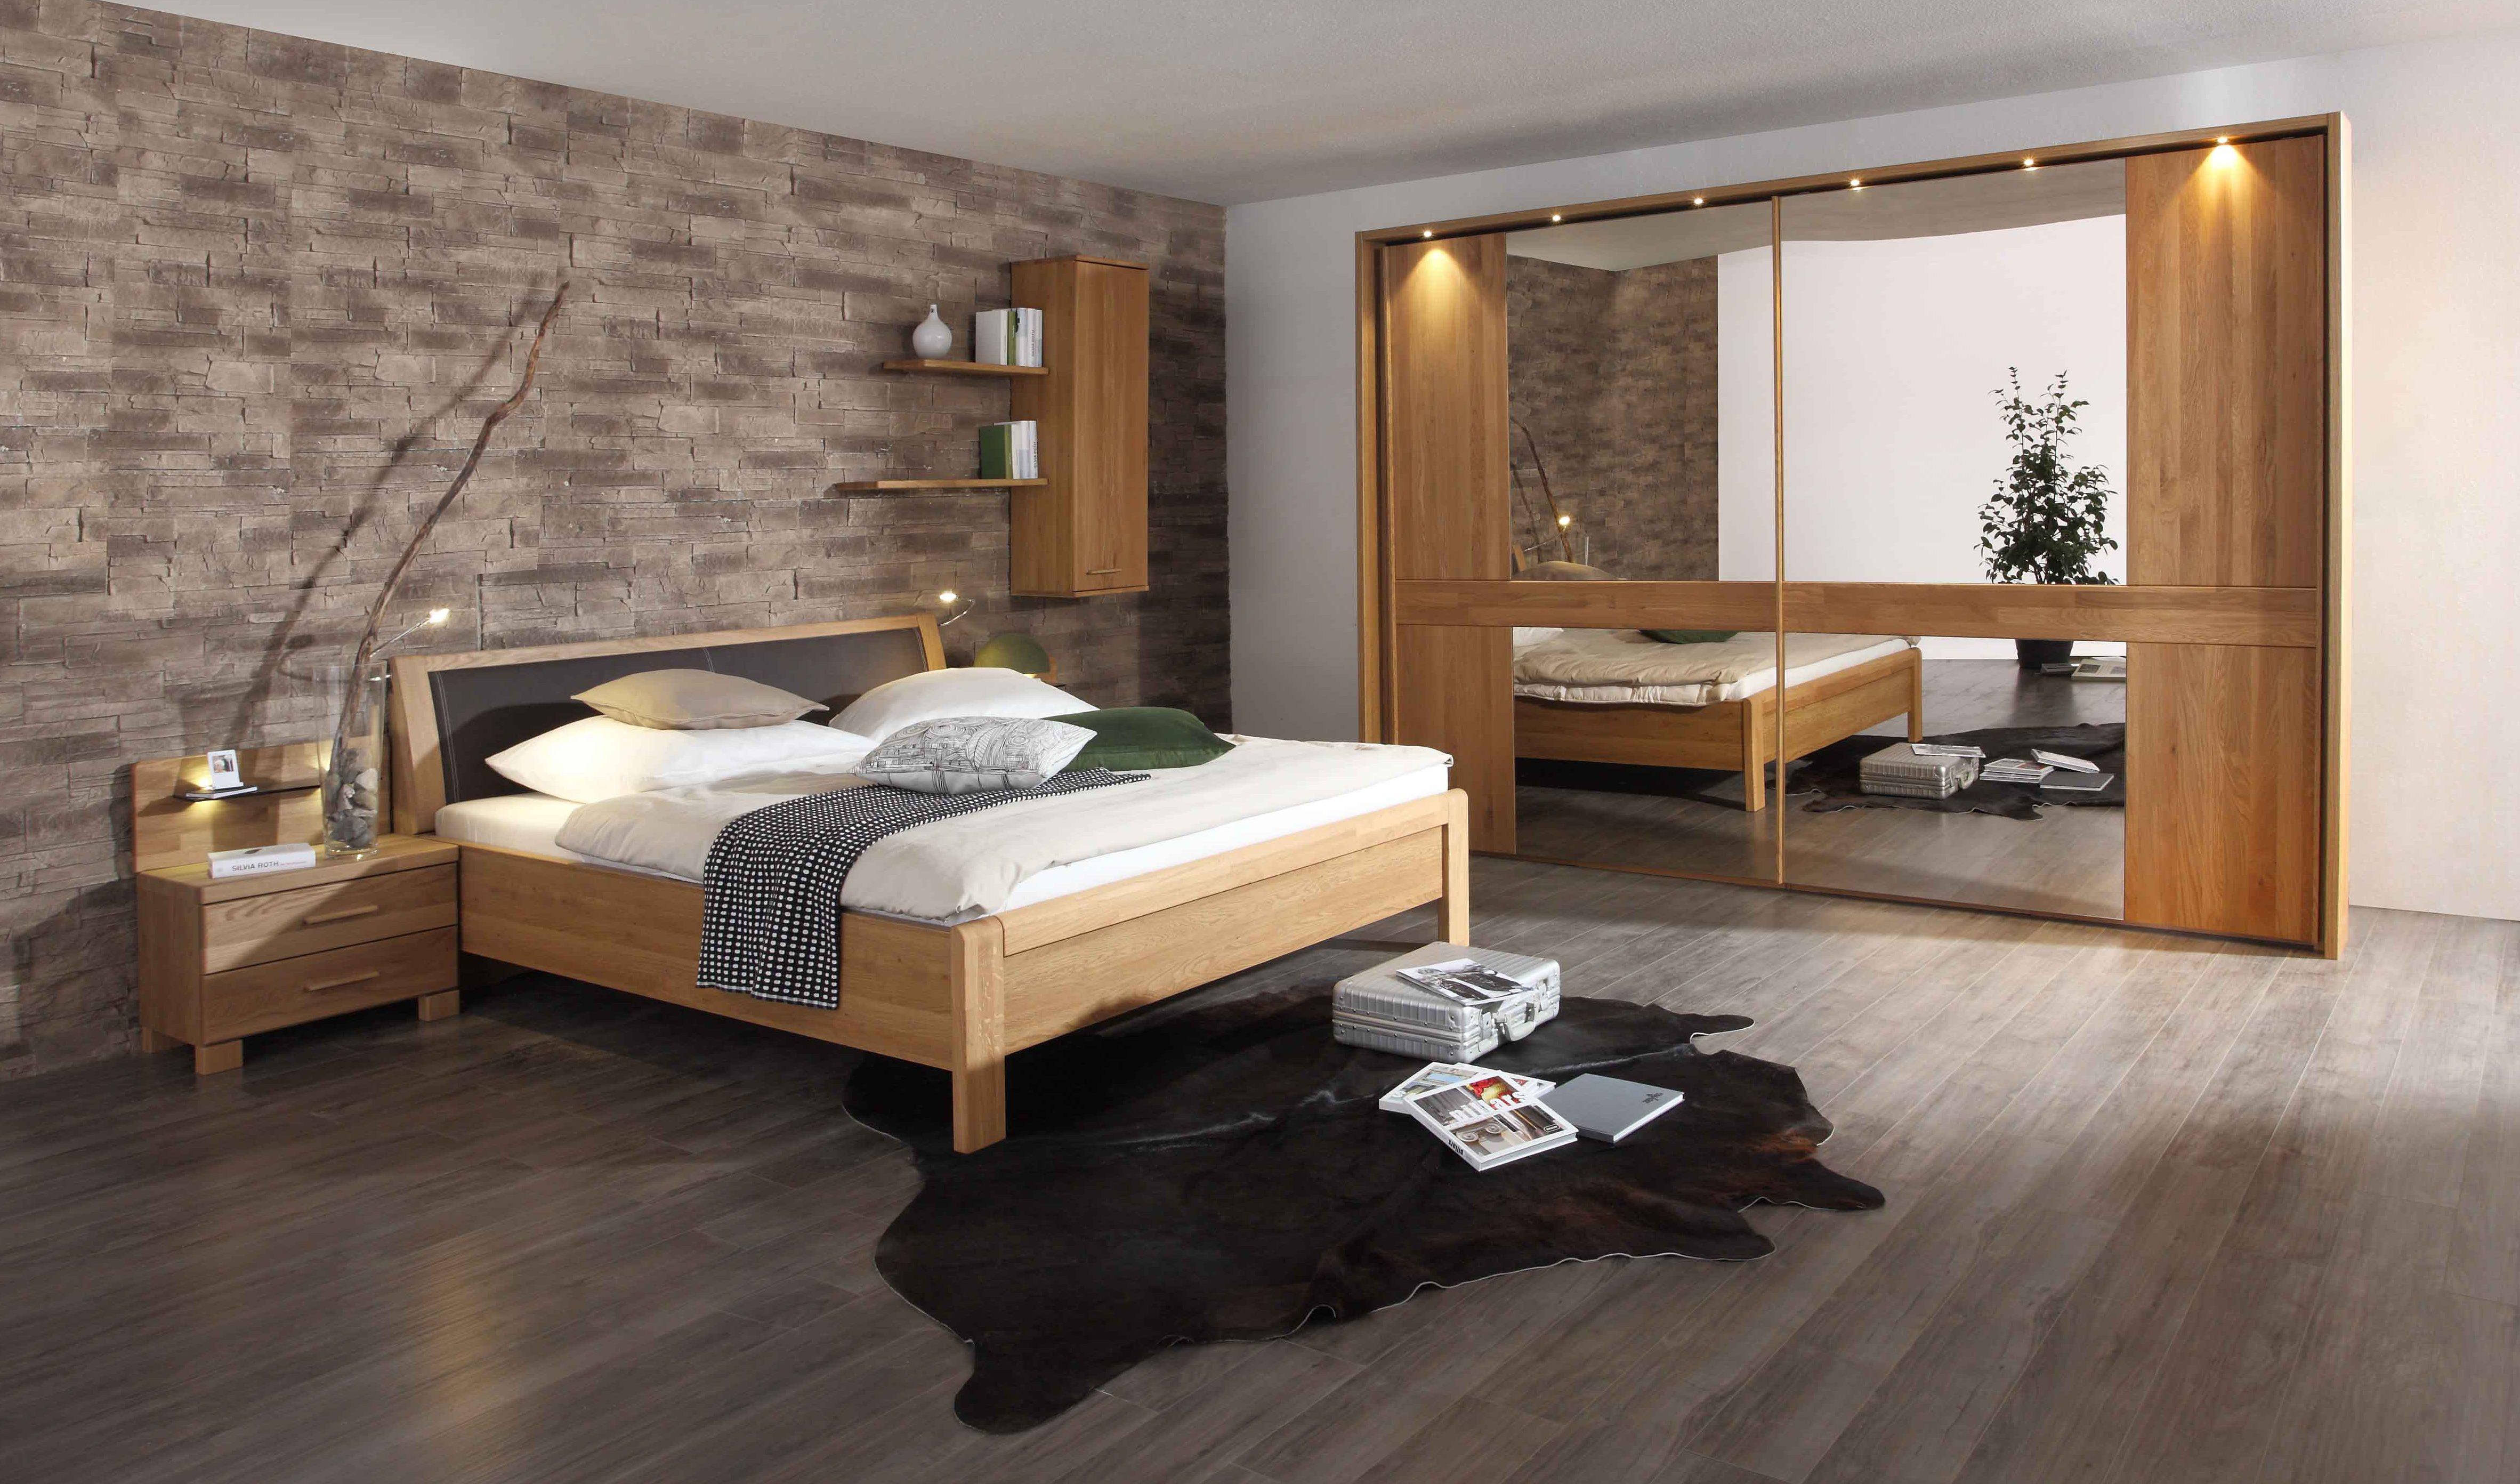 Faro gent slaapkamer meubelen de keizer tilt for Moderne slaapkamer catalogus